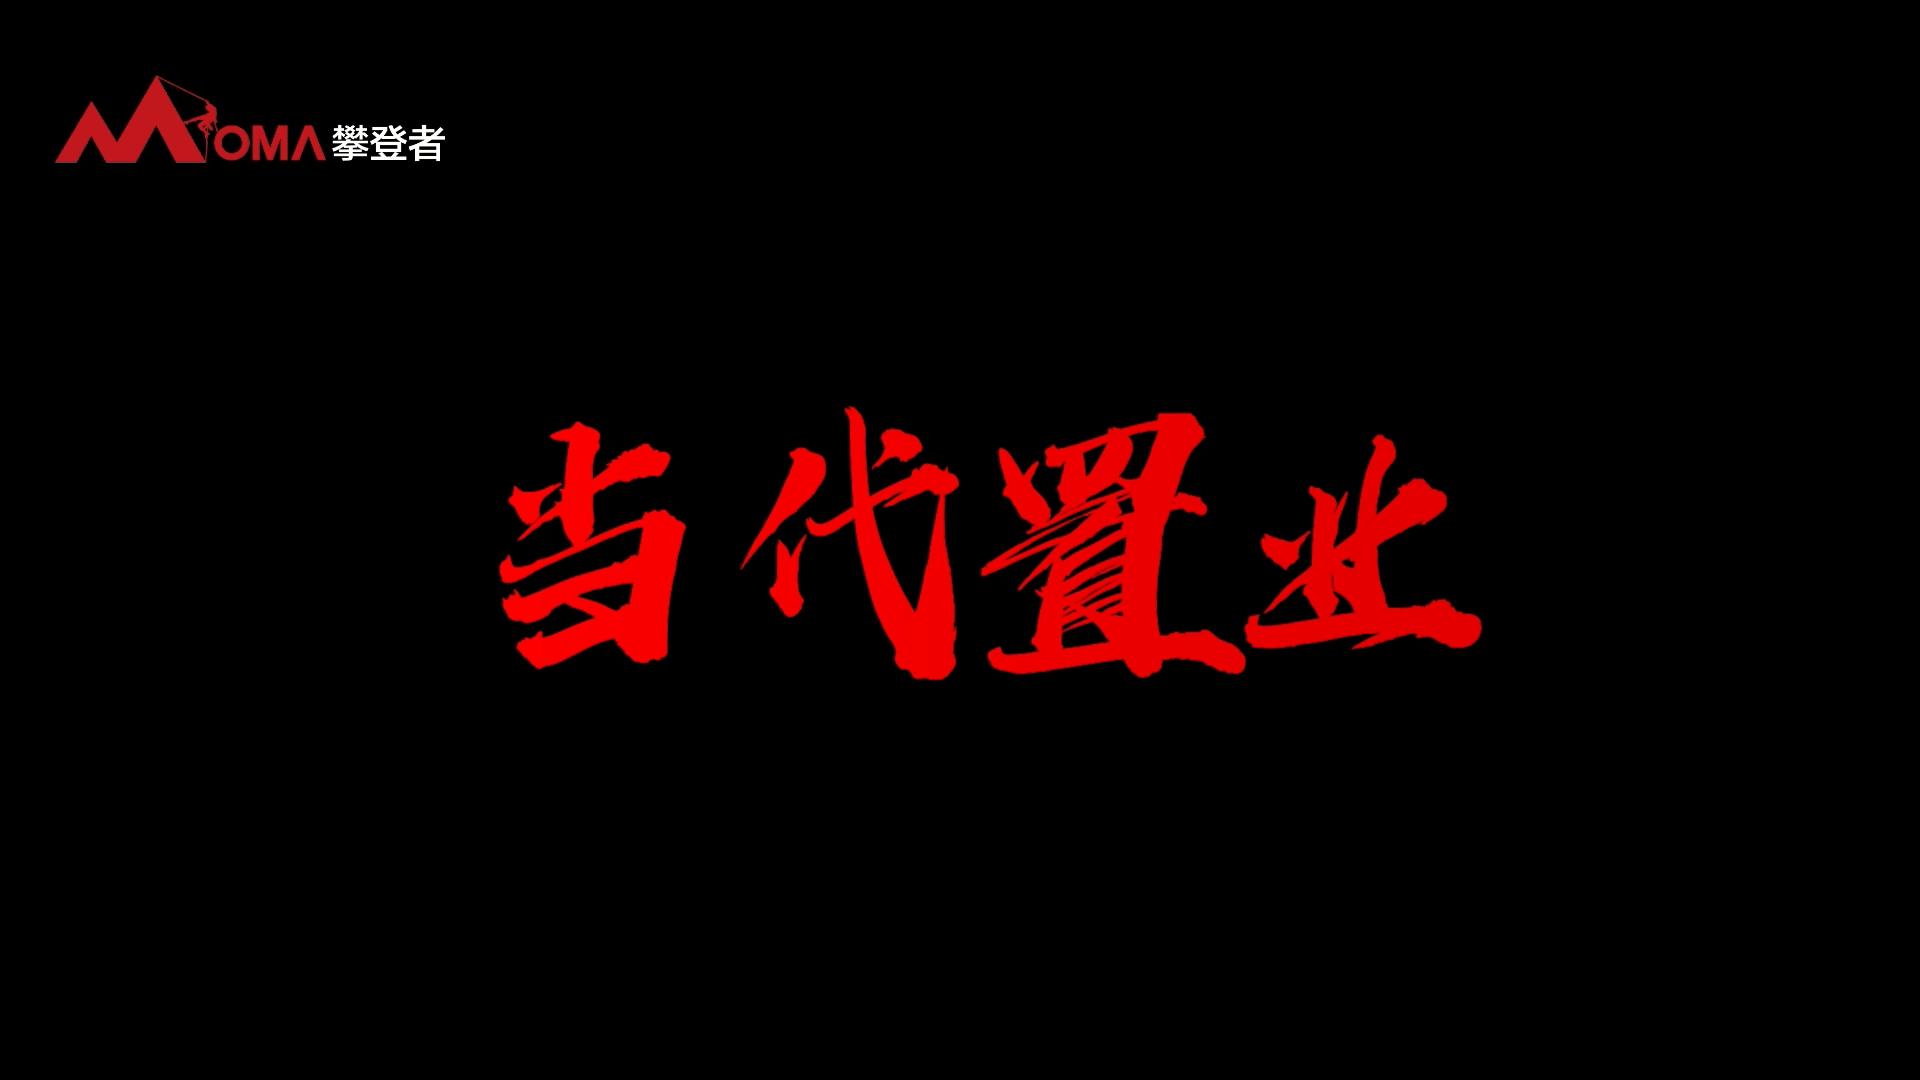 雷竞技s10竞猜置业video.jpeg